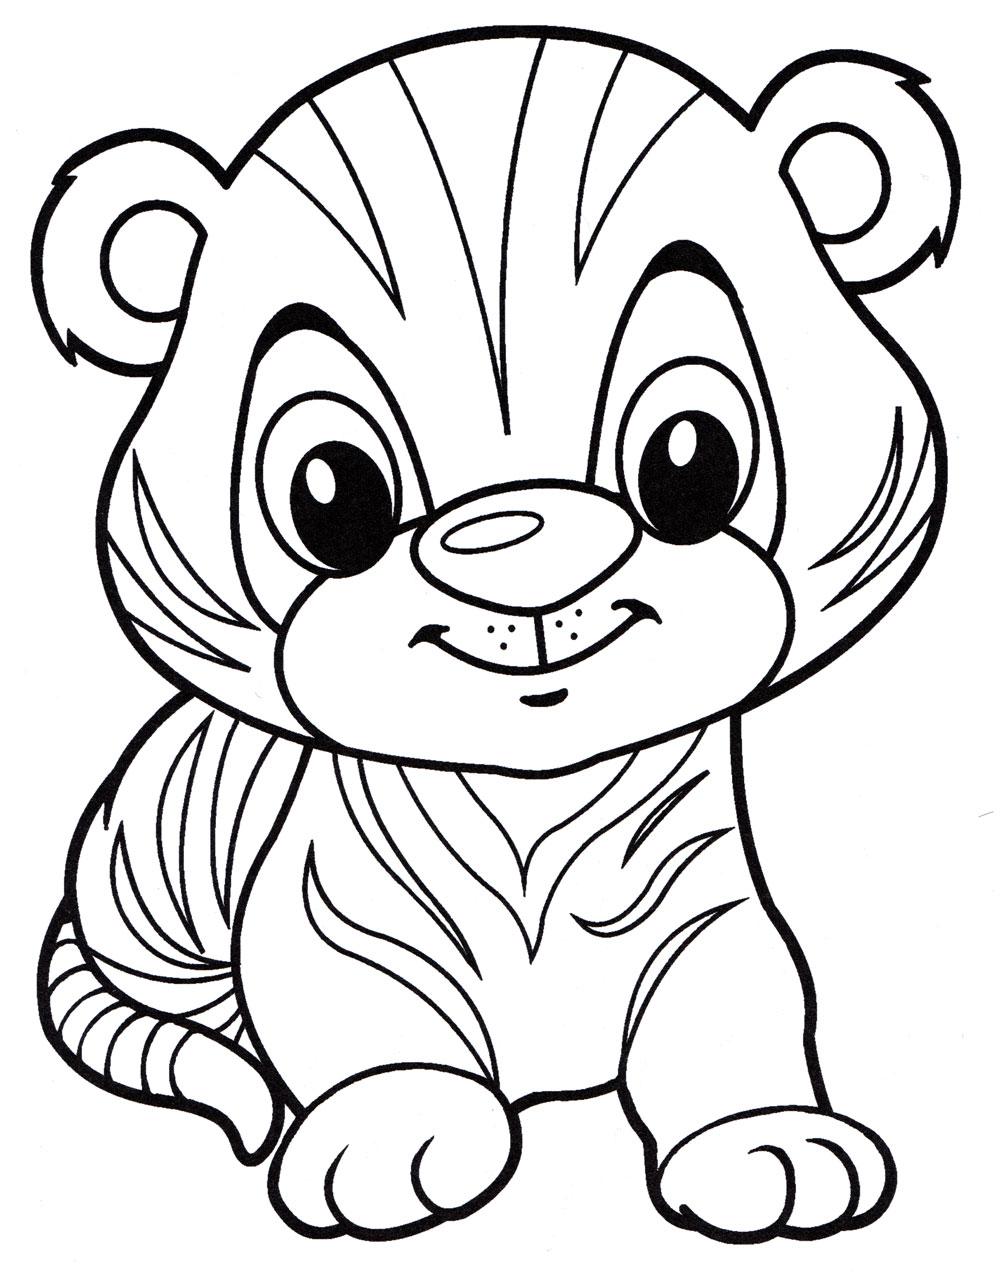 Рисунок смешного тигренка разукрашки, открытка своими руками